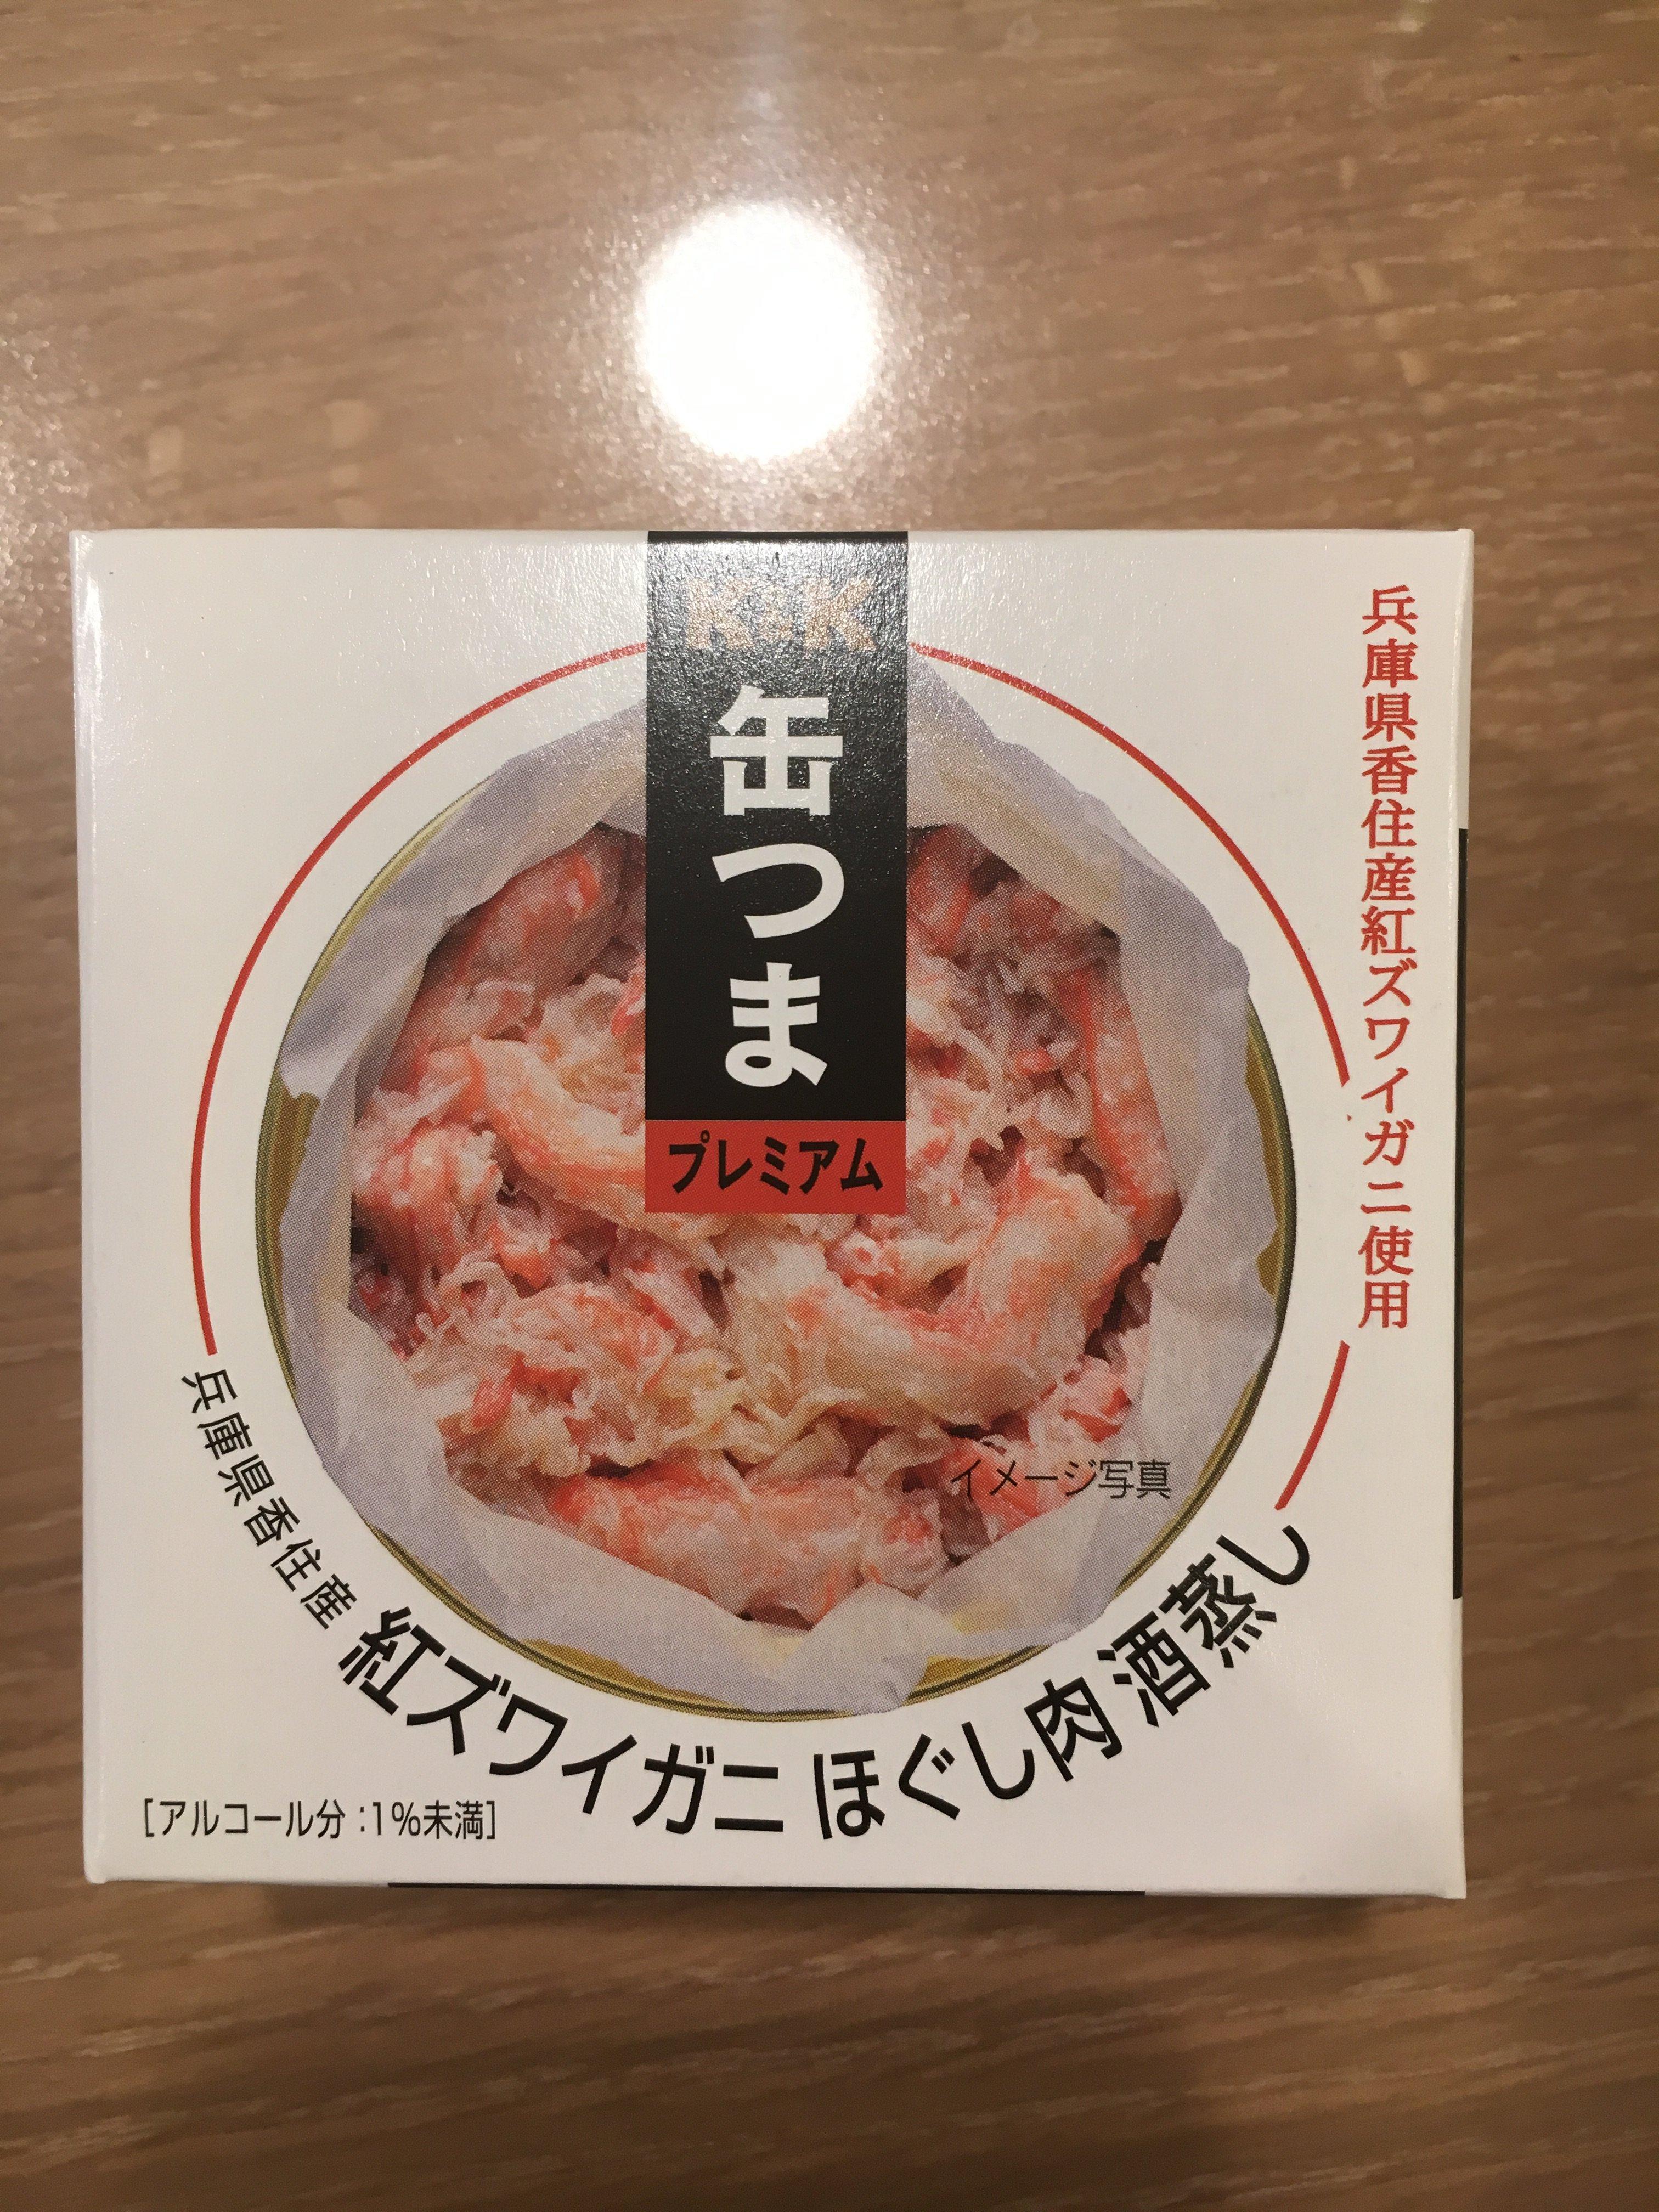 K&K 缶つまプレミアム 紅ズワイガニ ほぐし肉 酒蒸し 正直微妙です